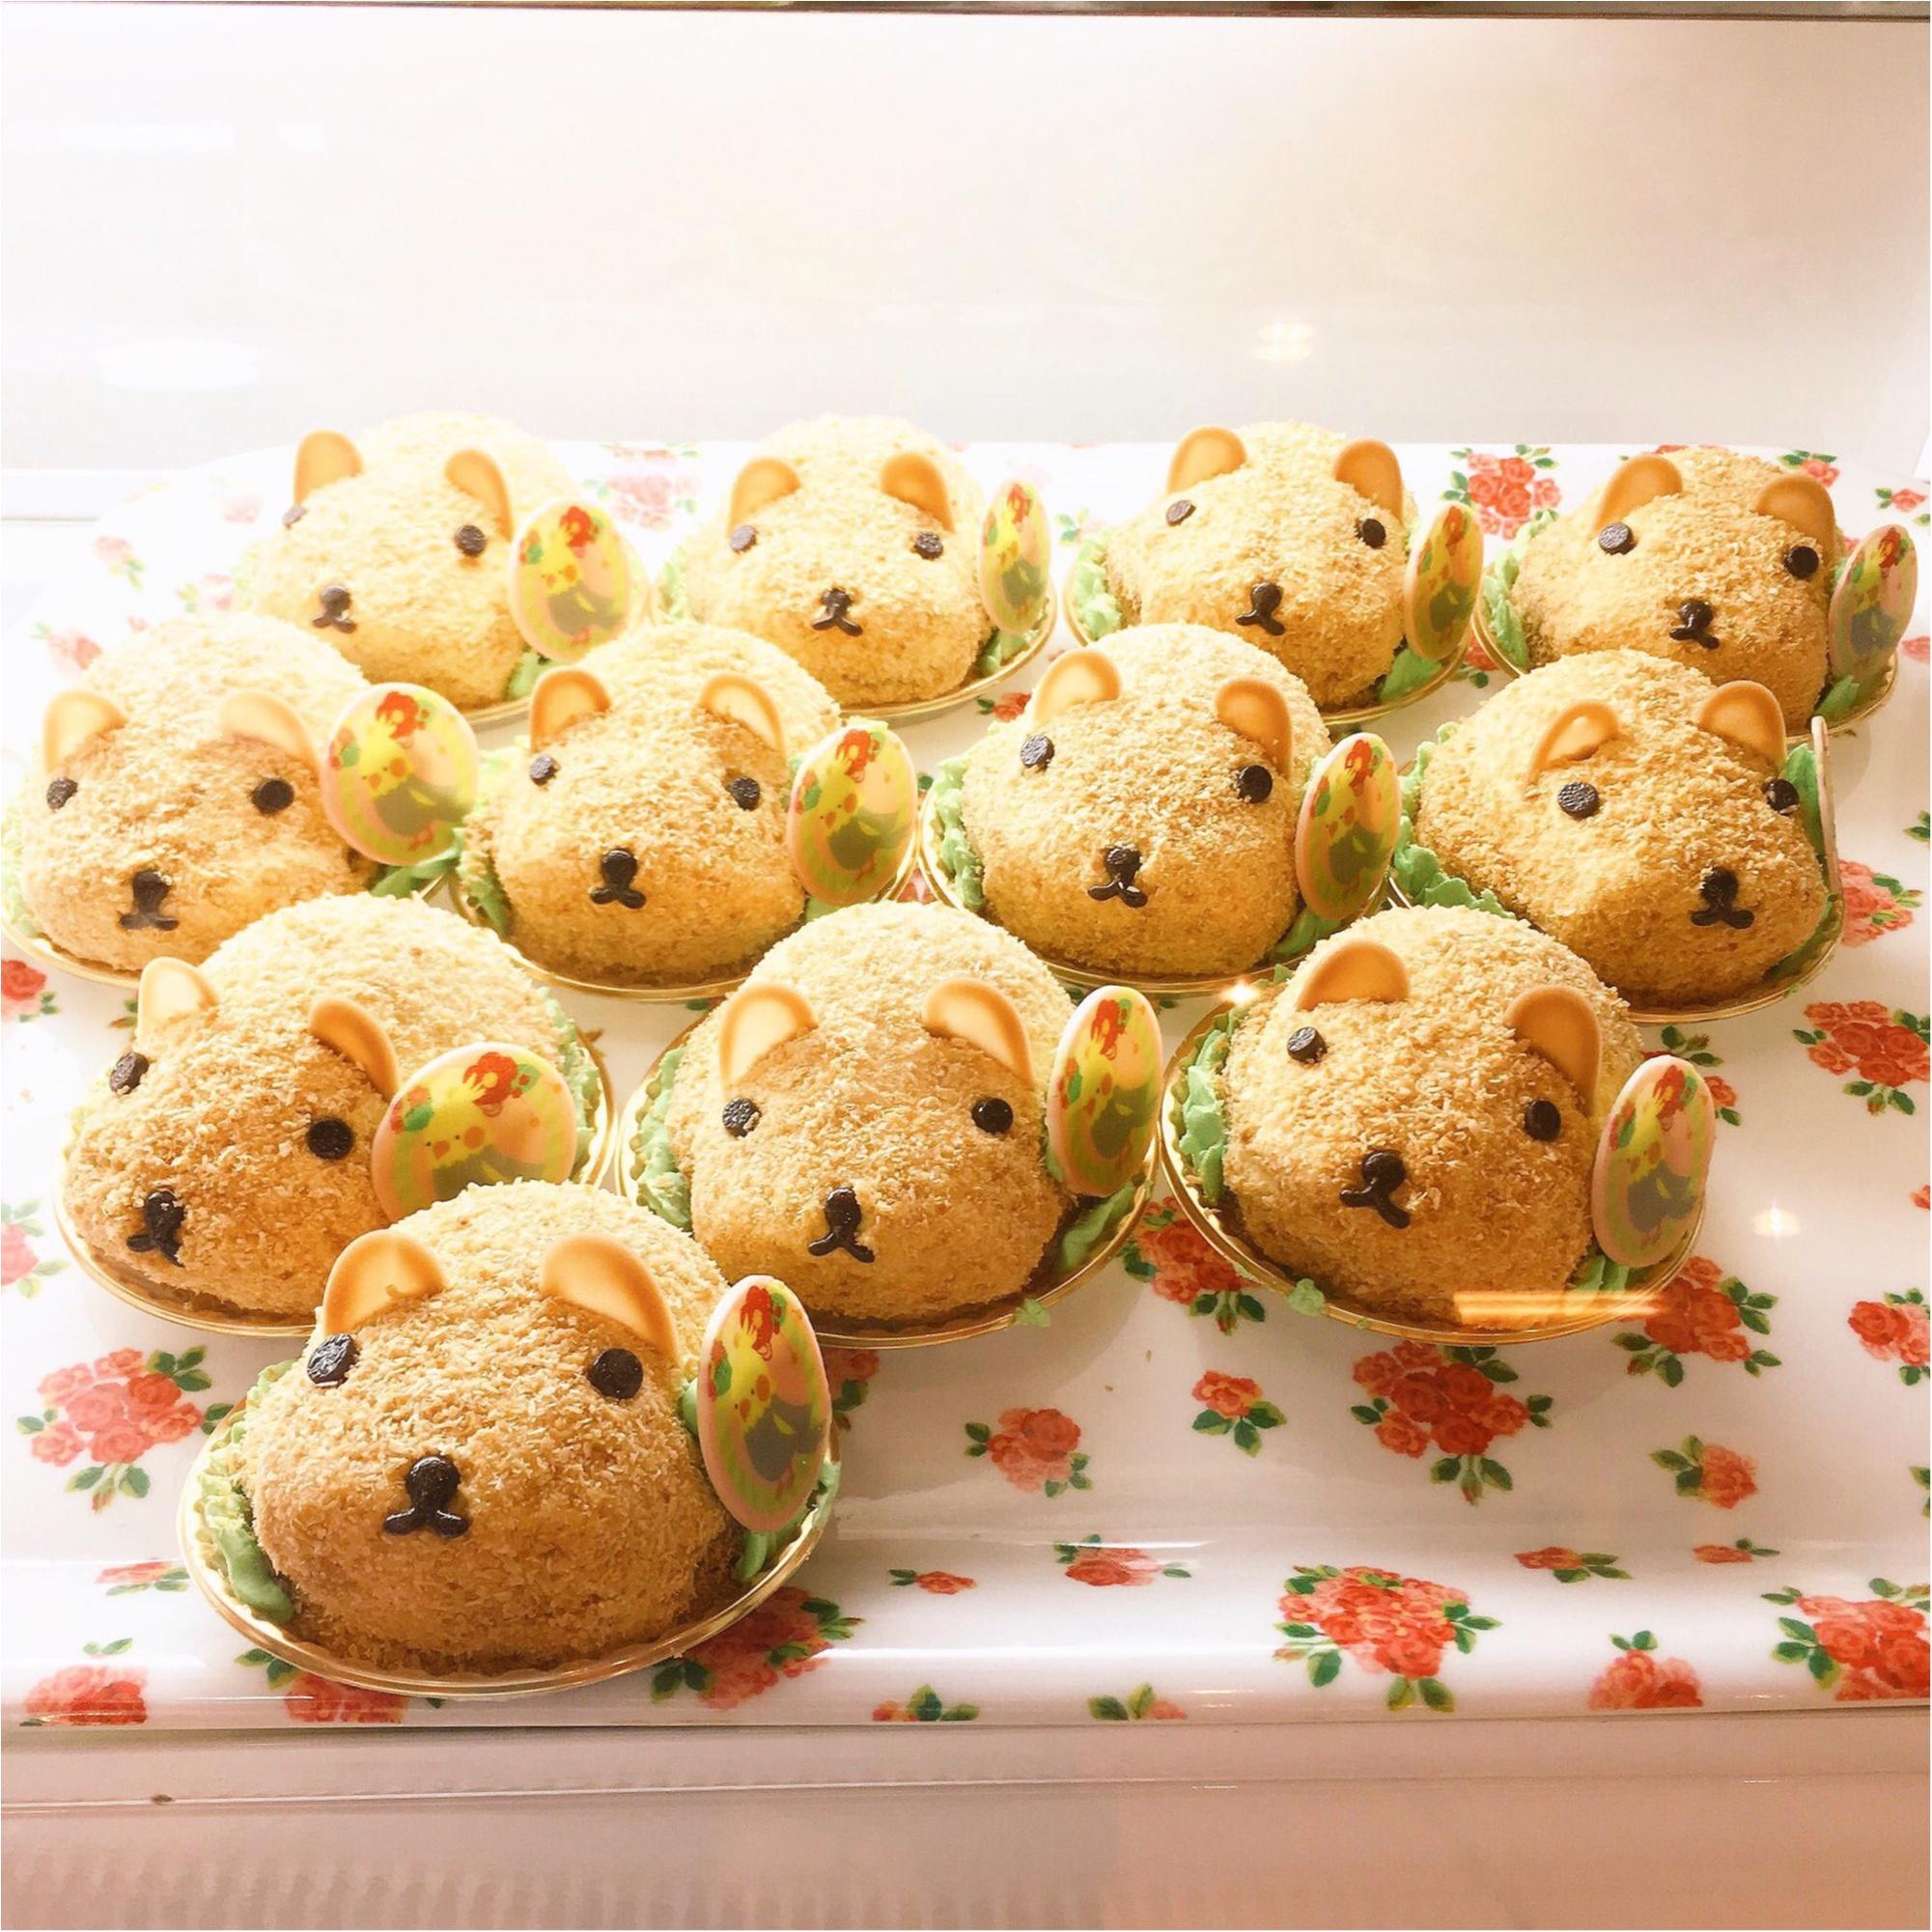 『カピバラさん×ことりカフェ』コラボ♡ことりカフェ表参道店でカピバラさんケーキを食べてきました(﹡´◡`﹡ )_9